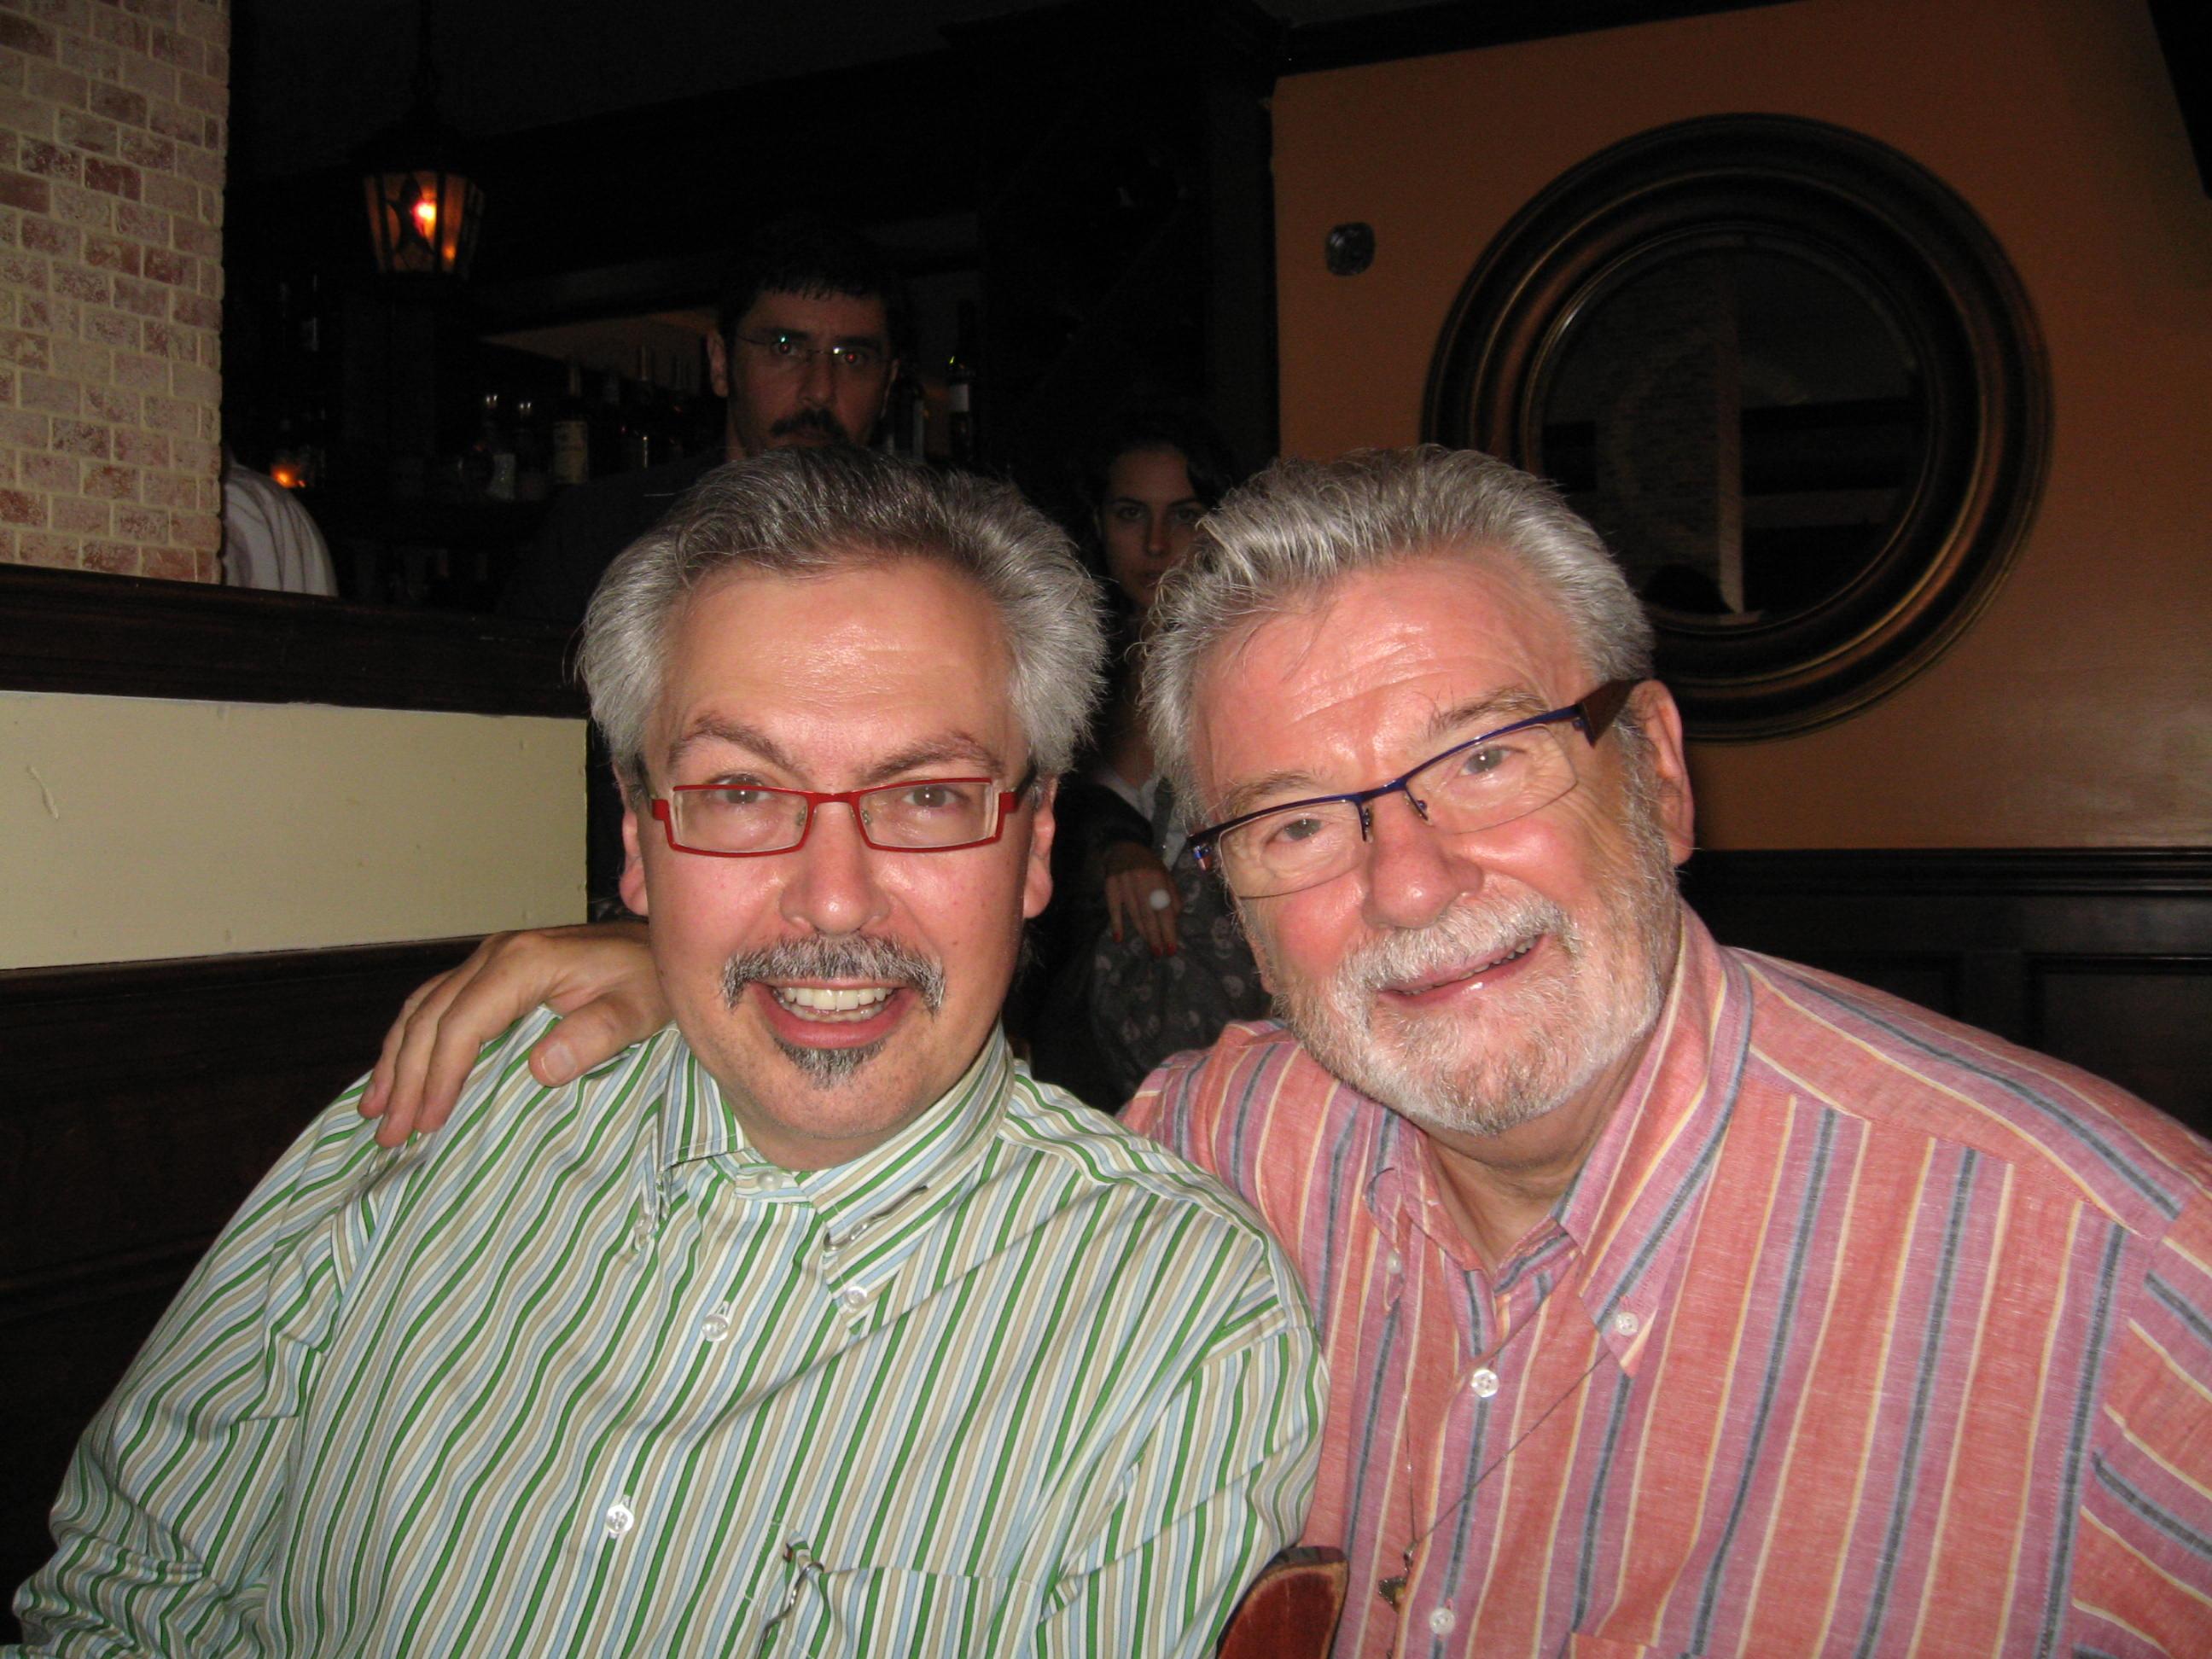 Bill McBirnie & Sir James Galway